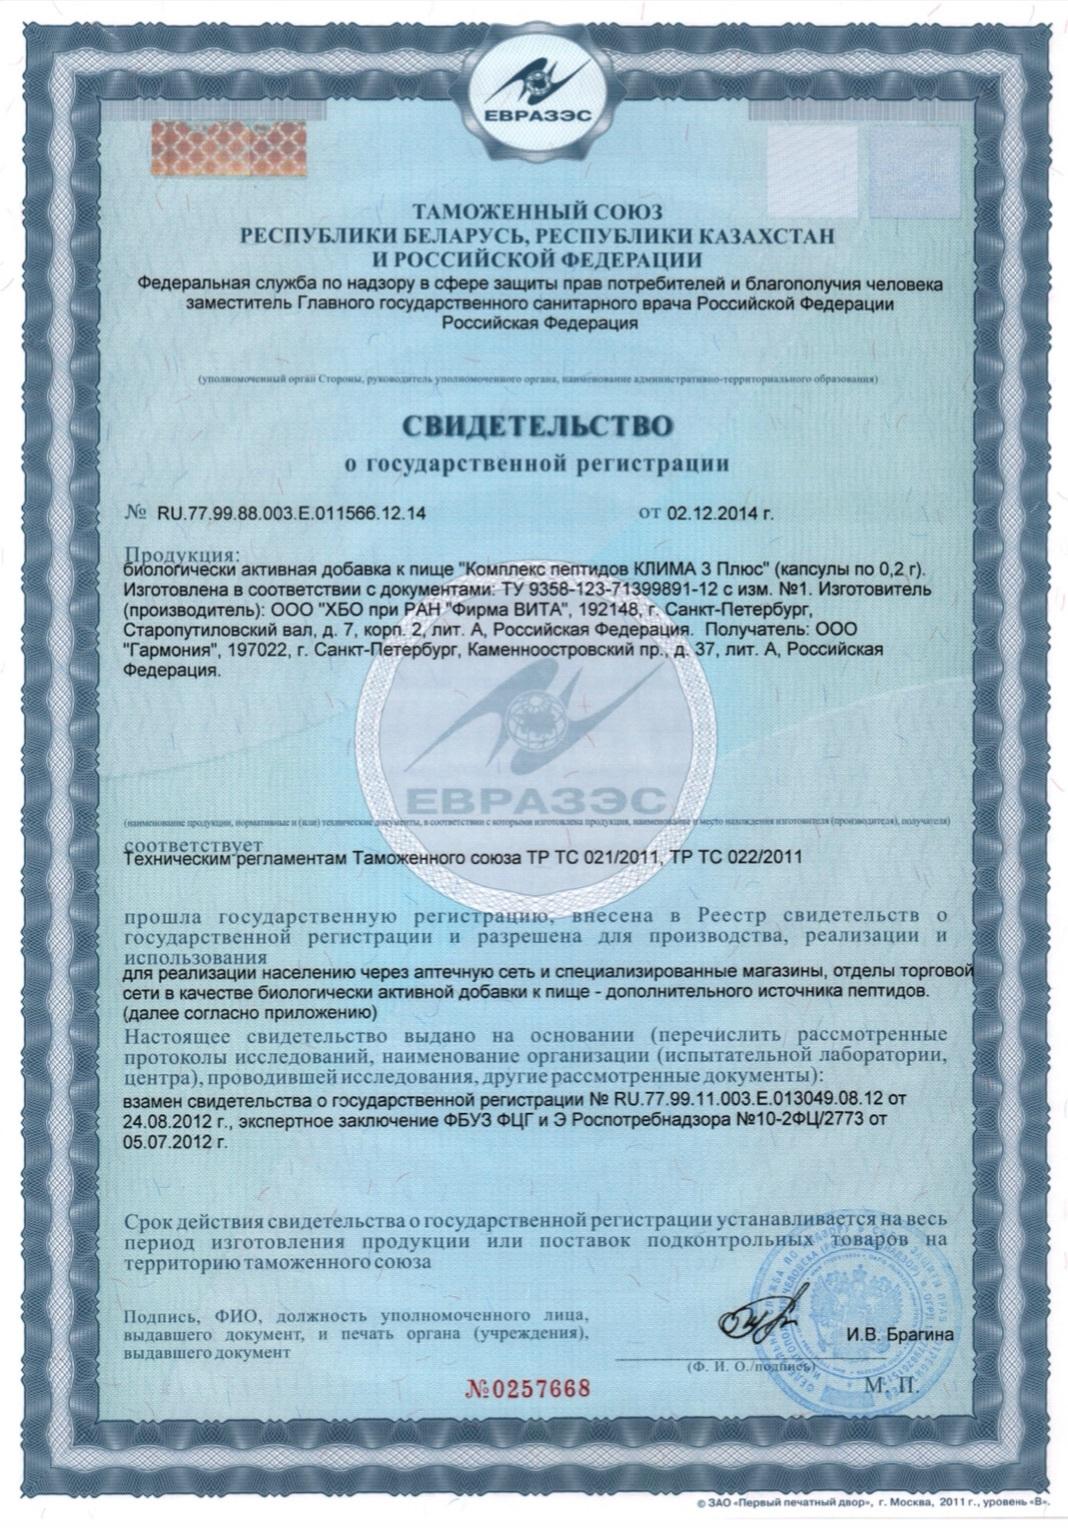 CLIMA 3 Plus® Пептидный комплекс сертификат